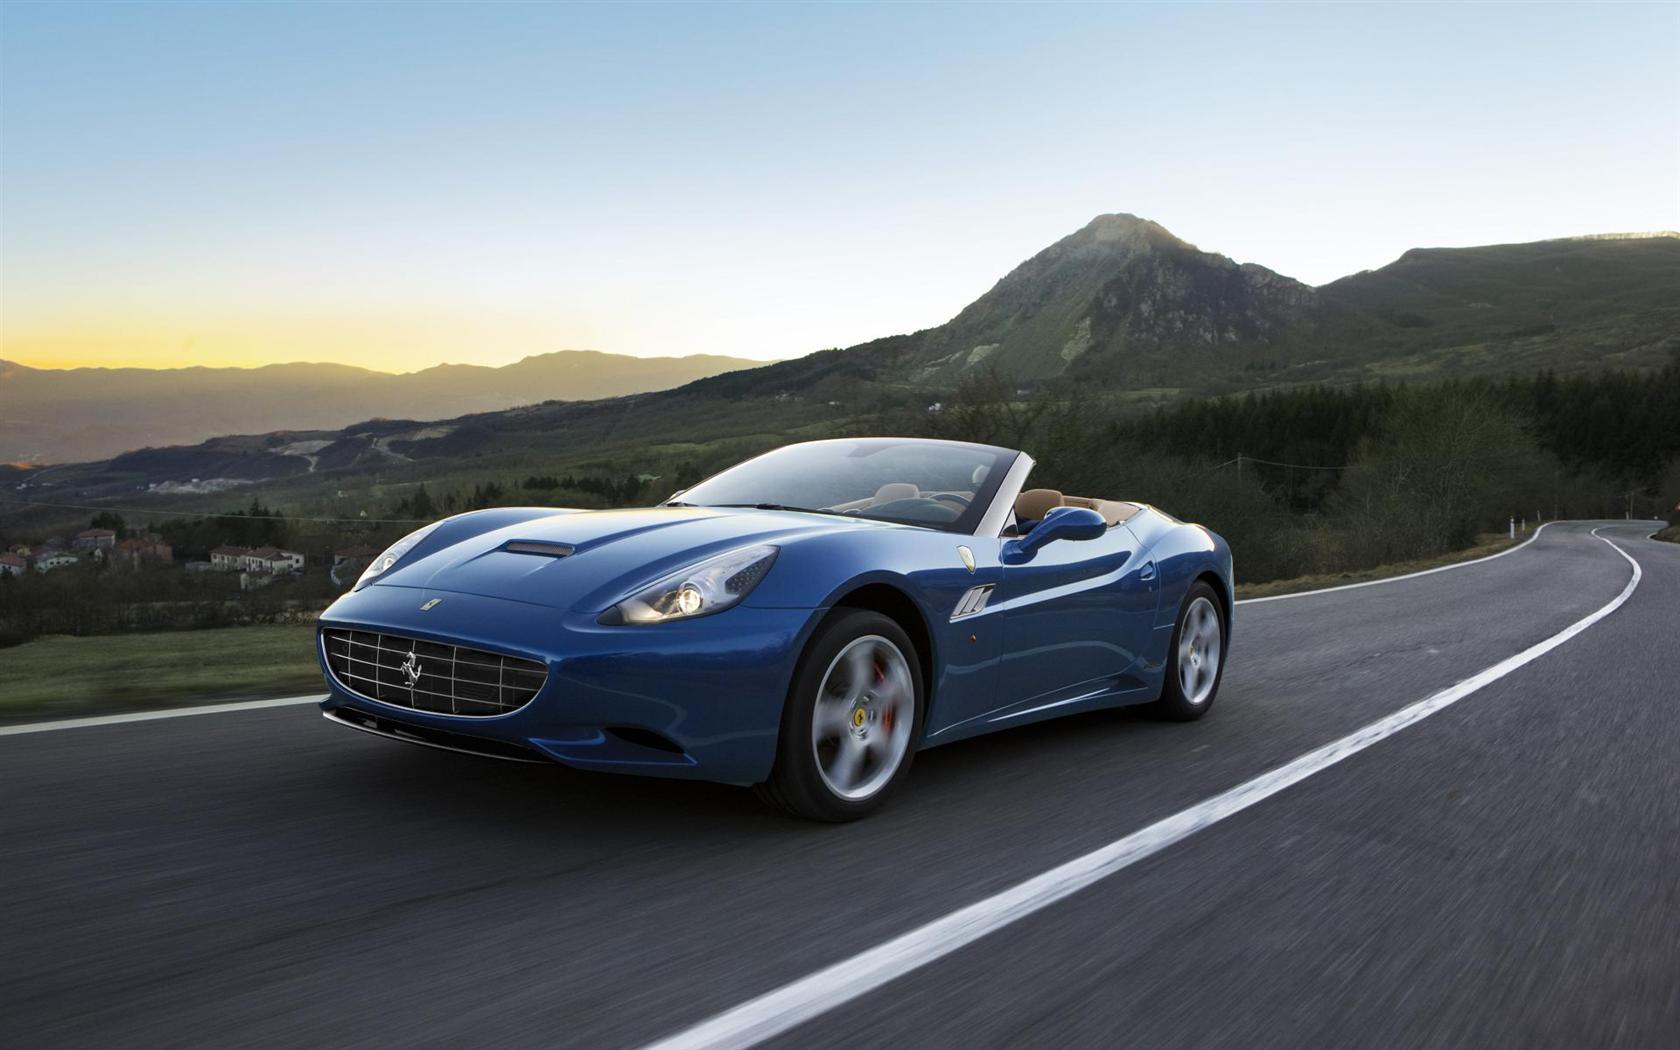 2013 Ferrari California Image. Photo 1 of 2